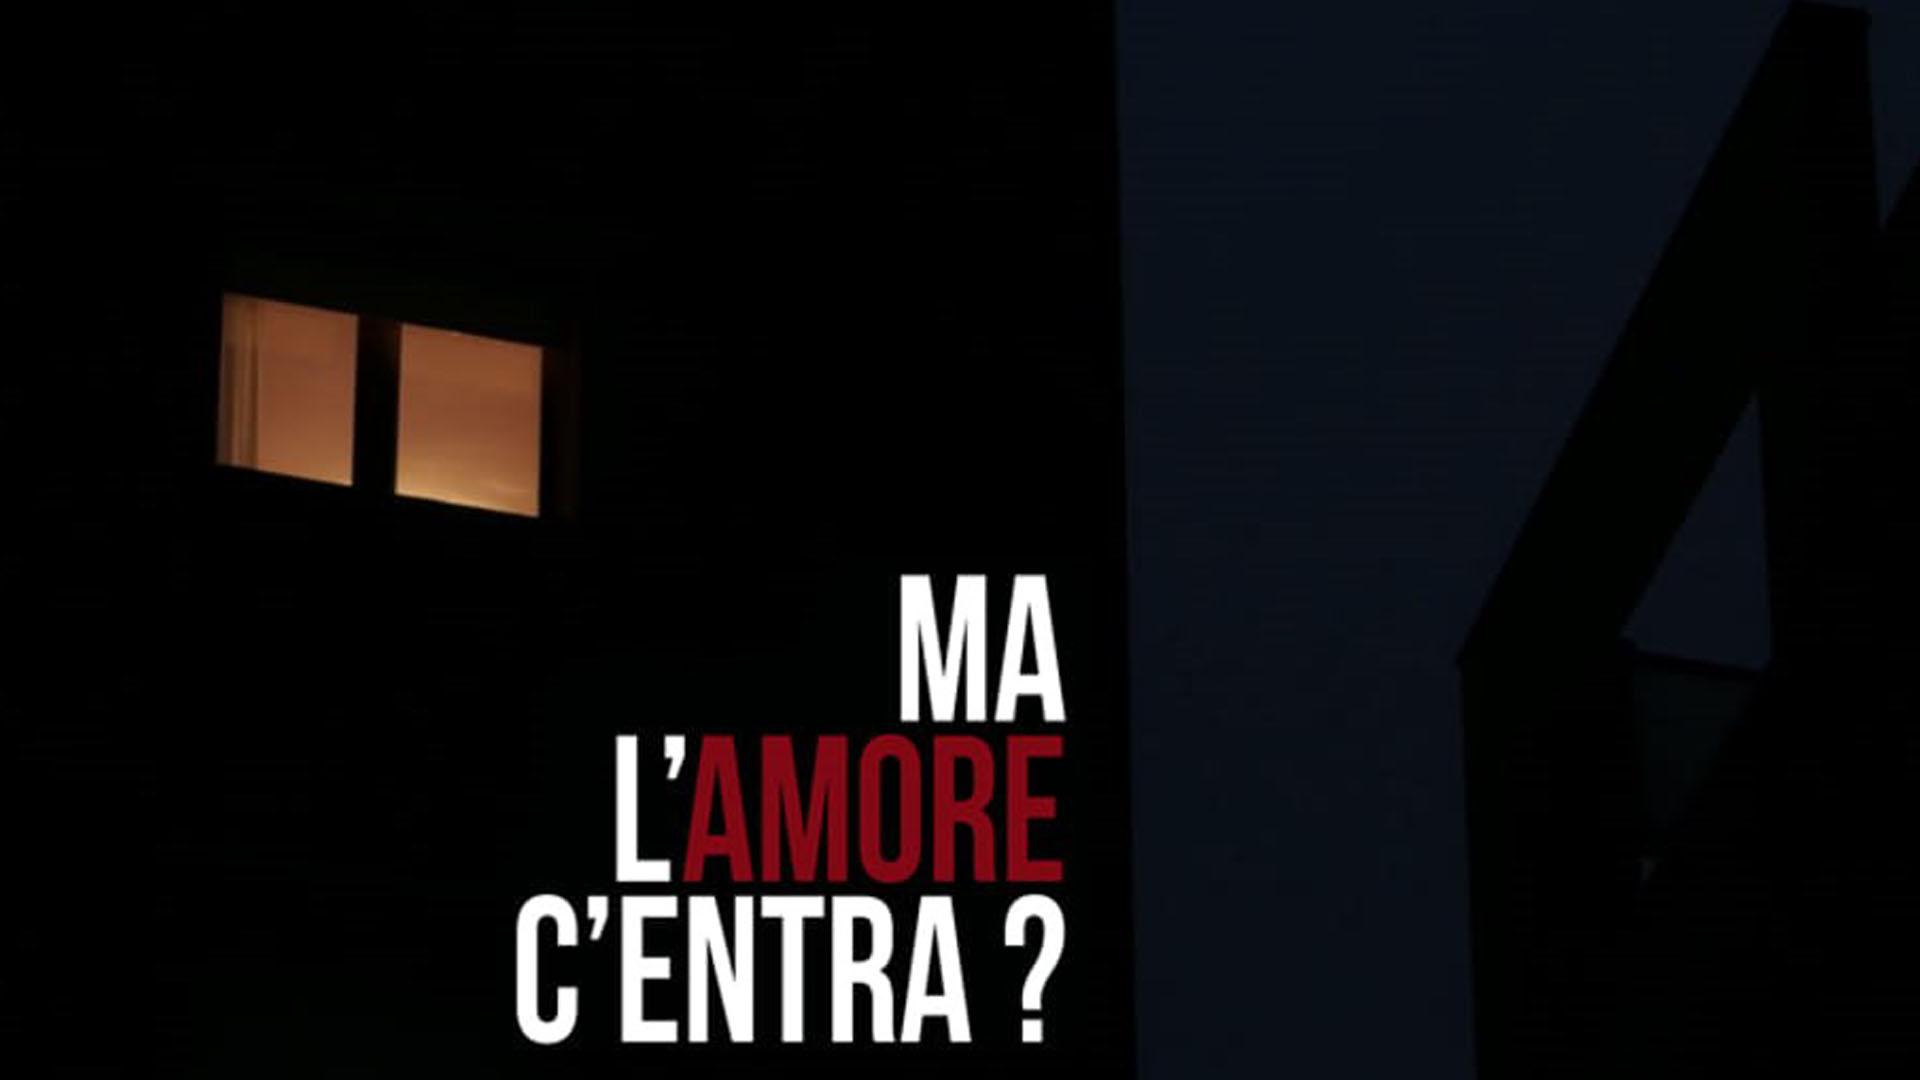 Cinema al MAXXI - Ma l'amore che c'entra?